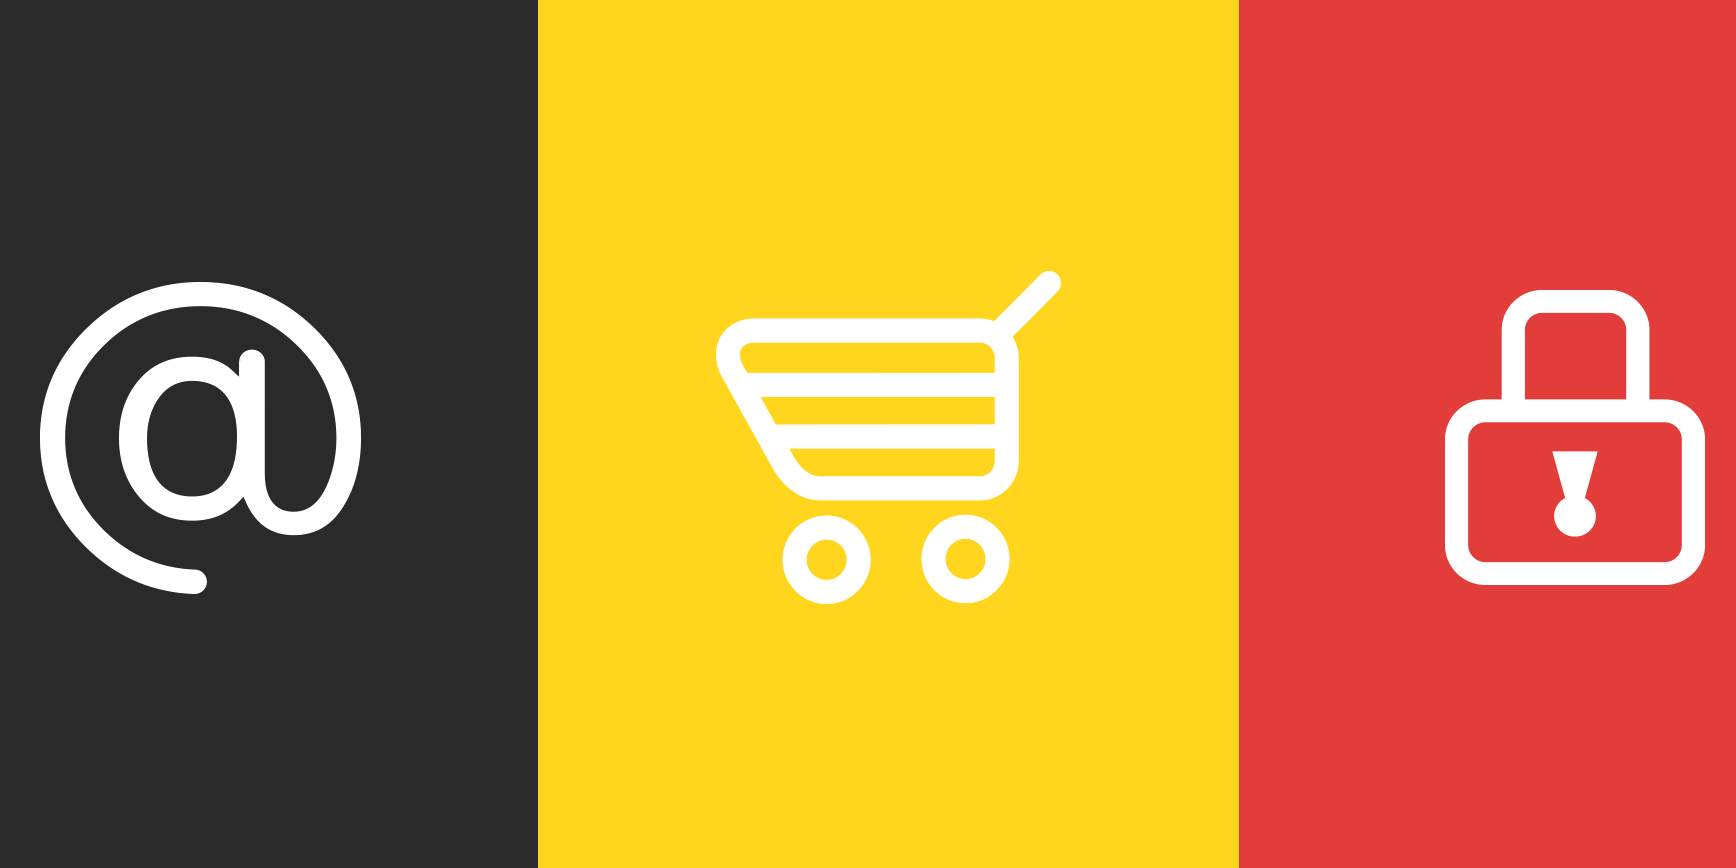 België voor het eerst in de Top 10 van landen met groei in e-commerce